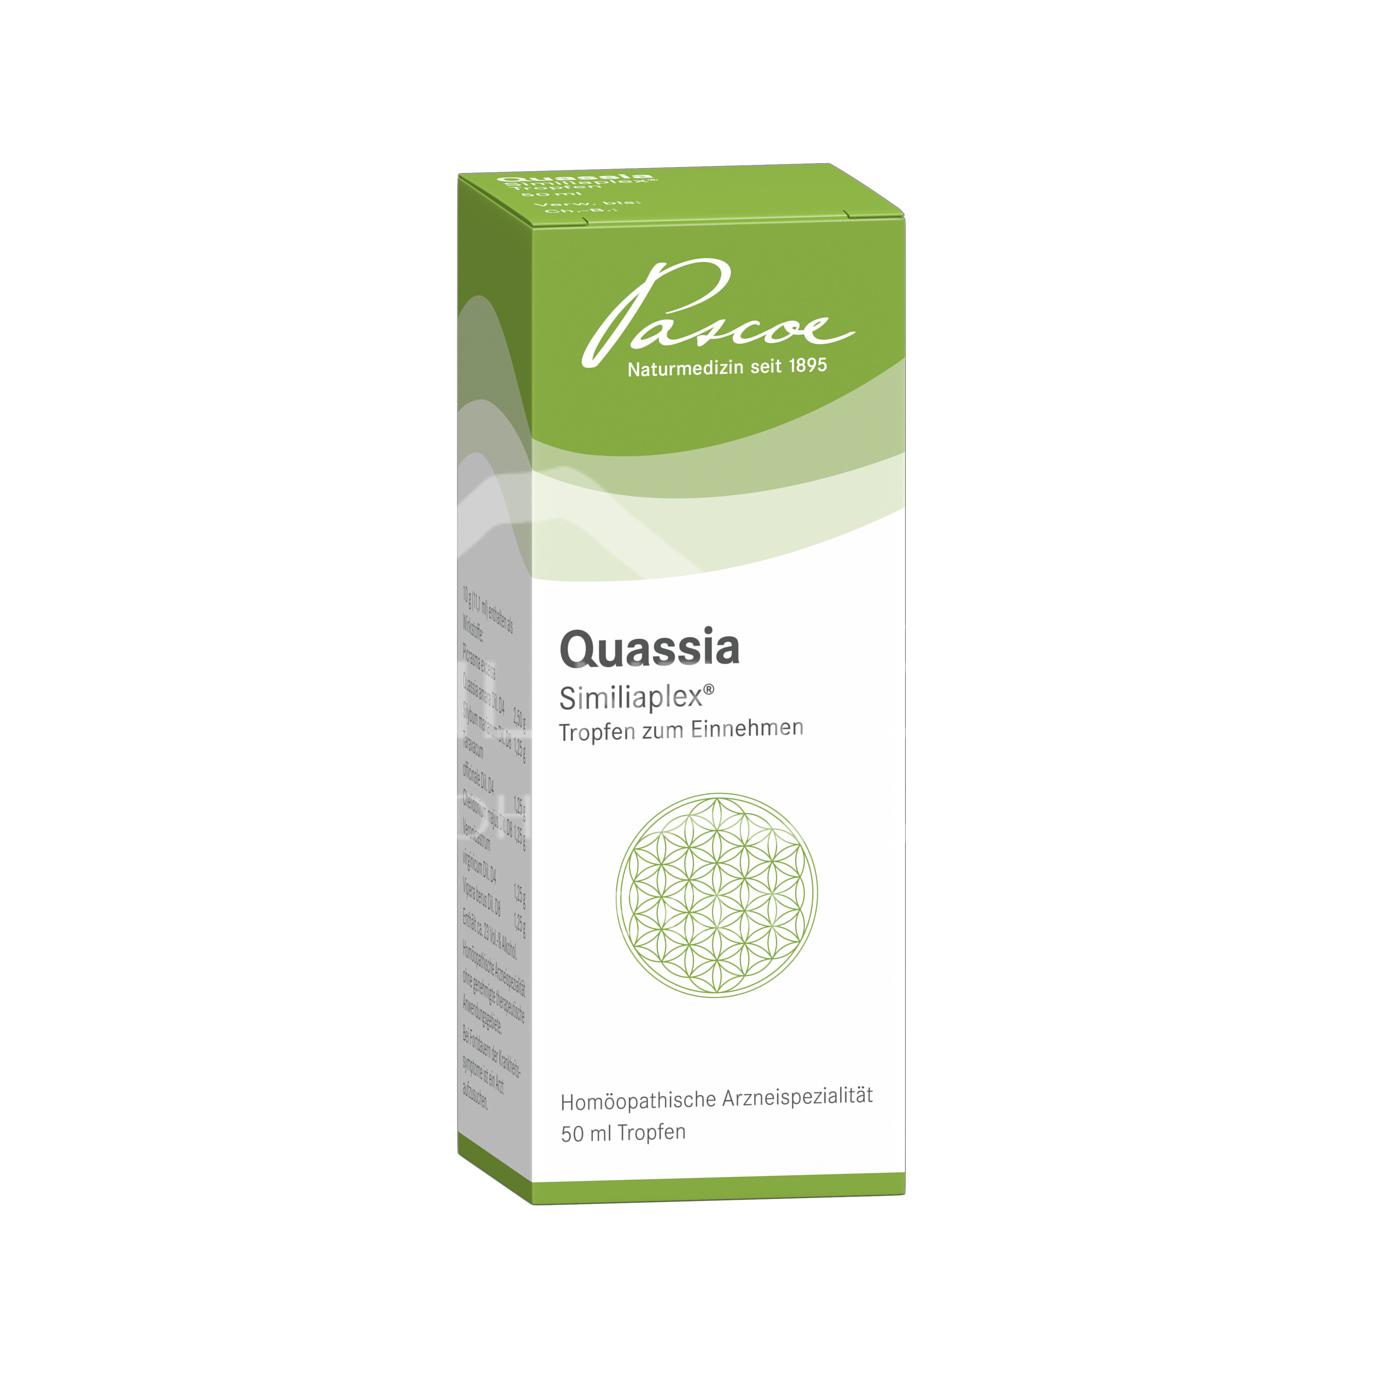 Quassia Similiaplex